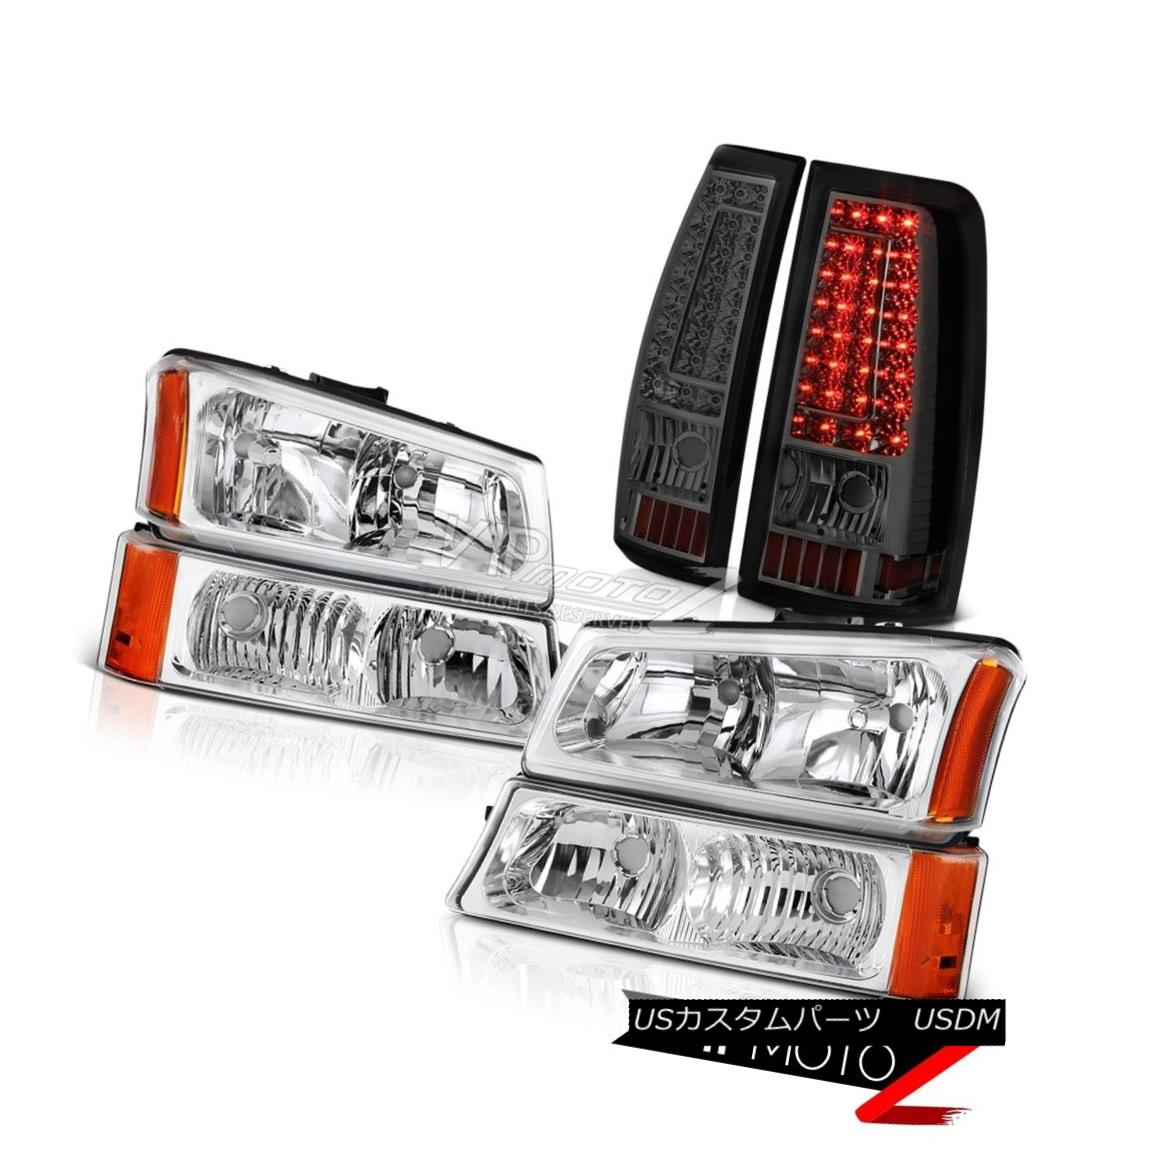 ヘッドライト 03 04 05 06 Chevy Silverado 1500 Phantom Smoke Tail Lamps Euro Clear Headlights 03 04 05 06 Chevy Silverado 1500ファントム煙テールランプユーロクリアヘッドライト